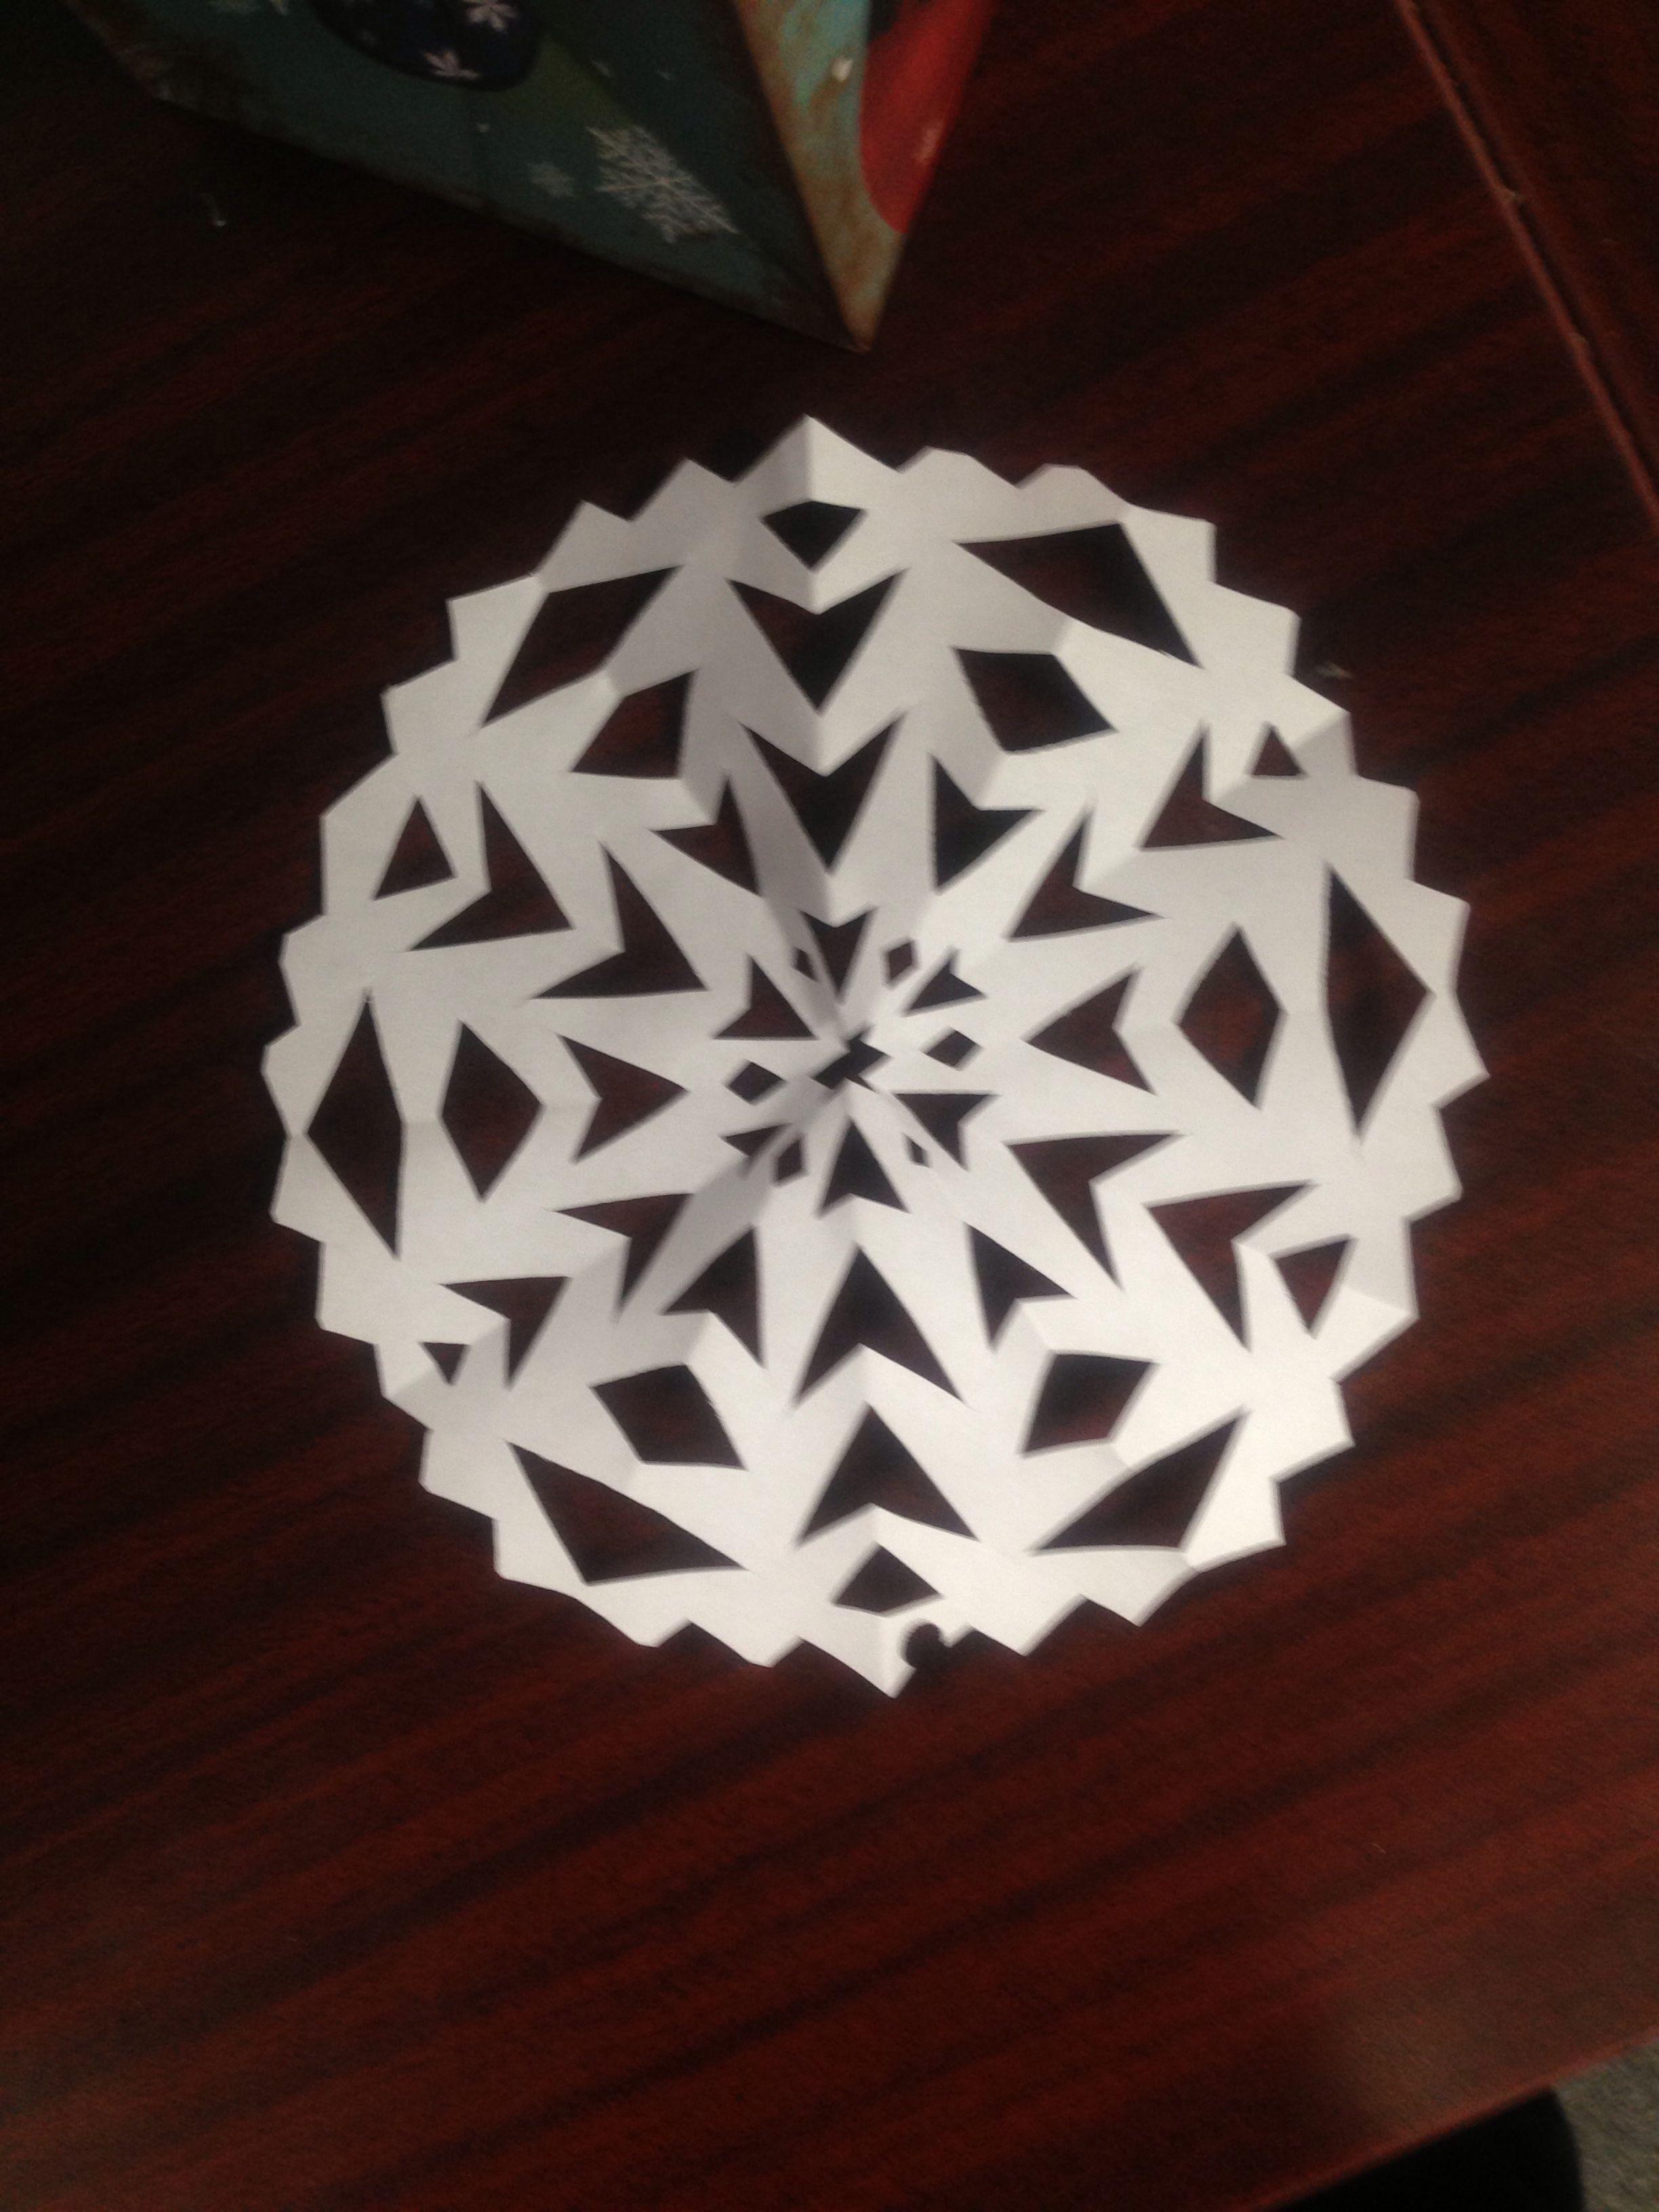 My Creative Snowflakes